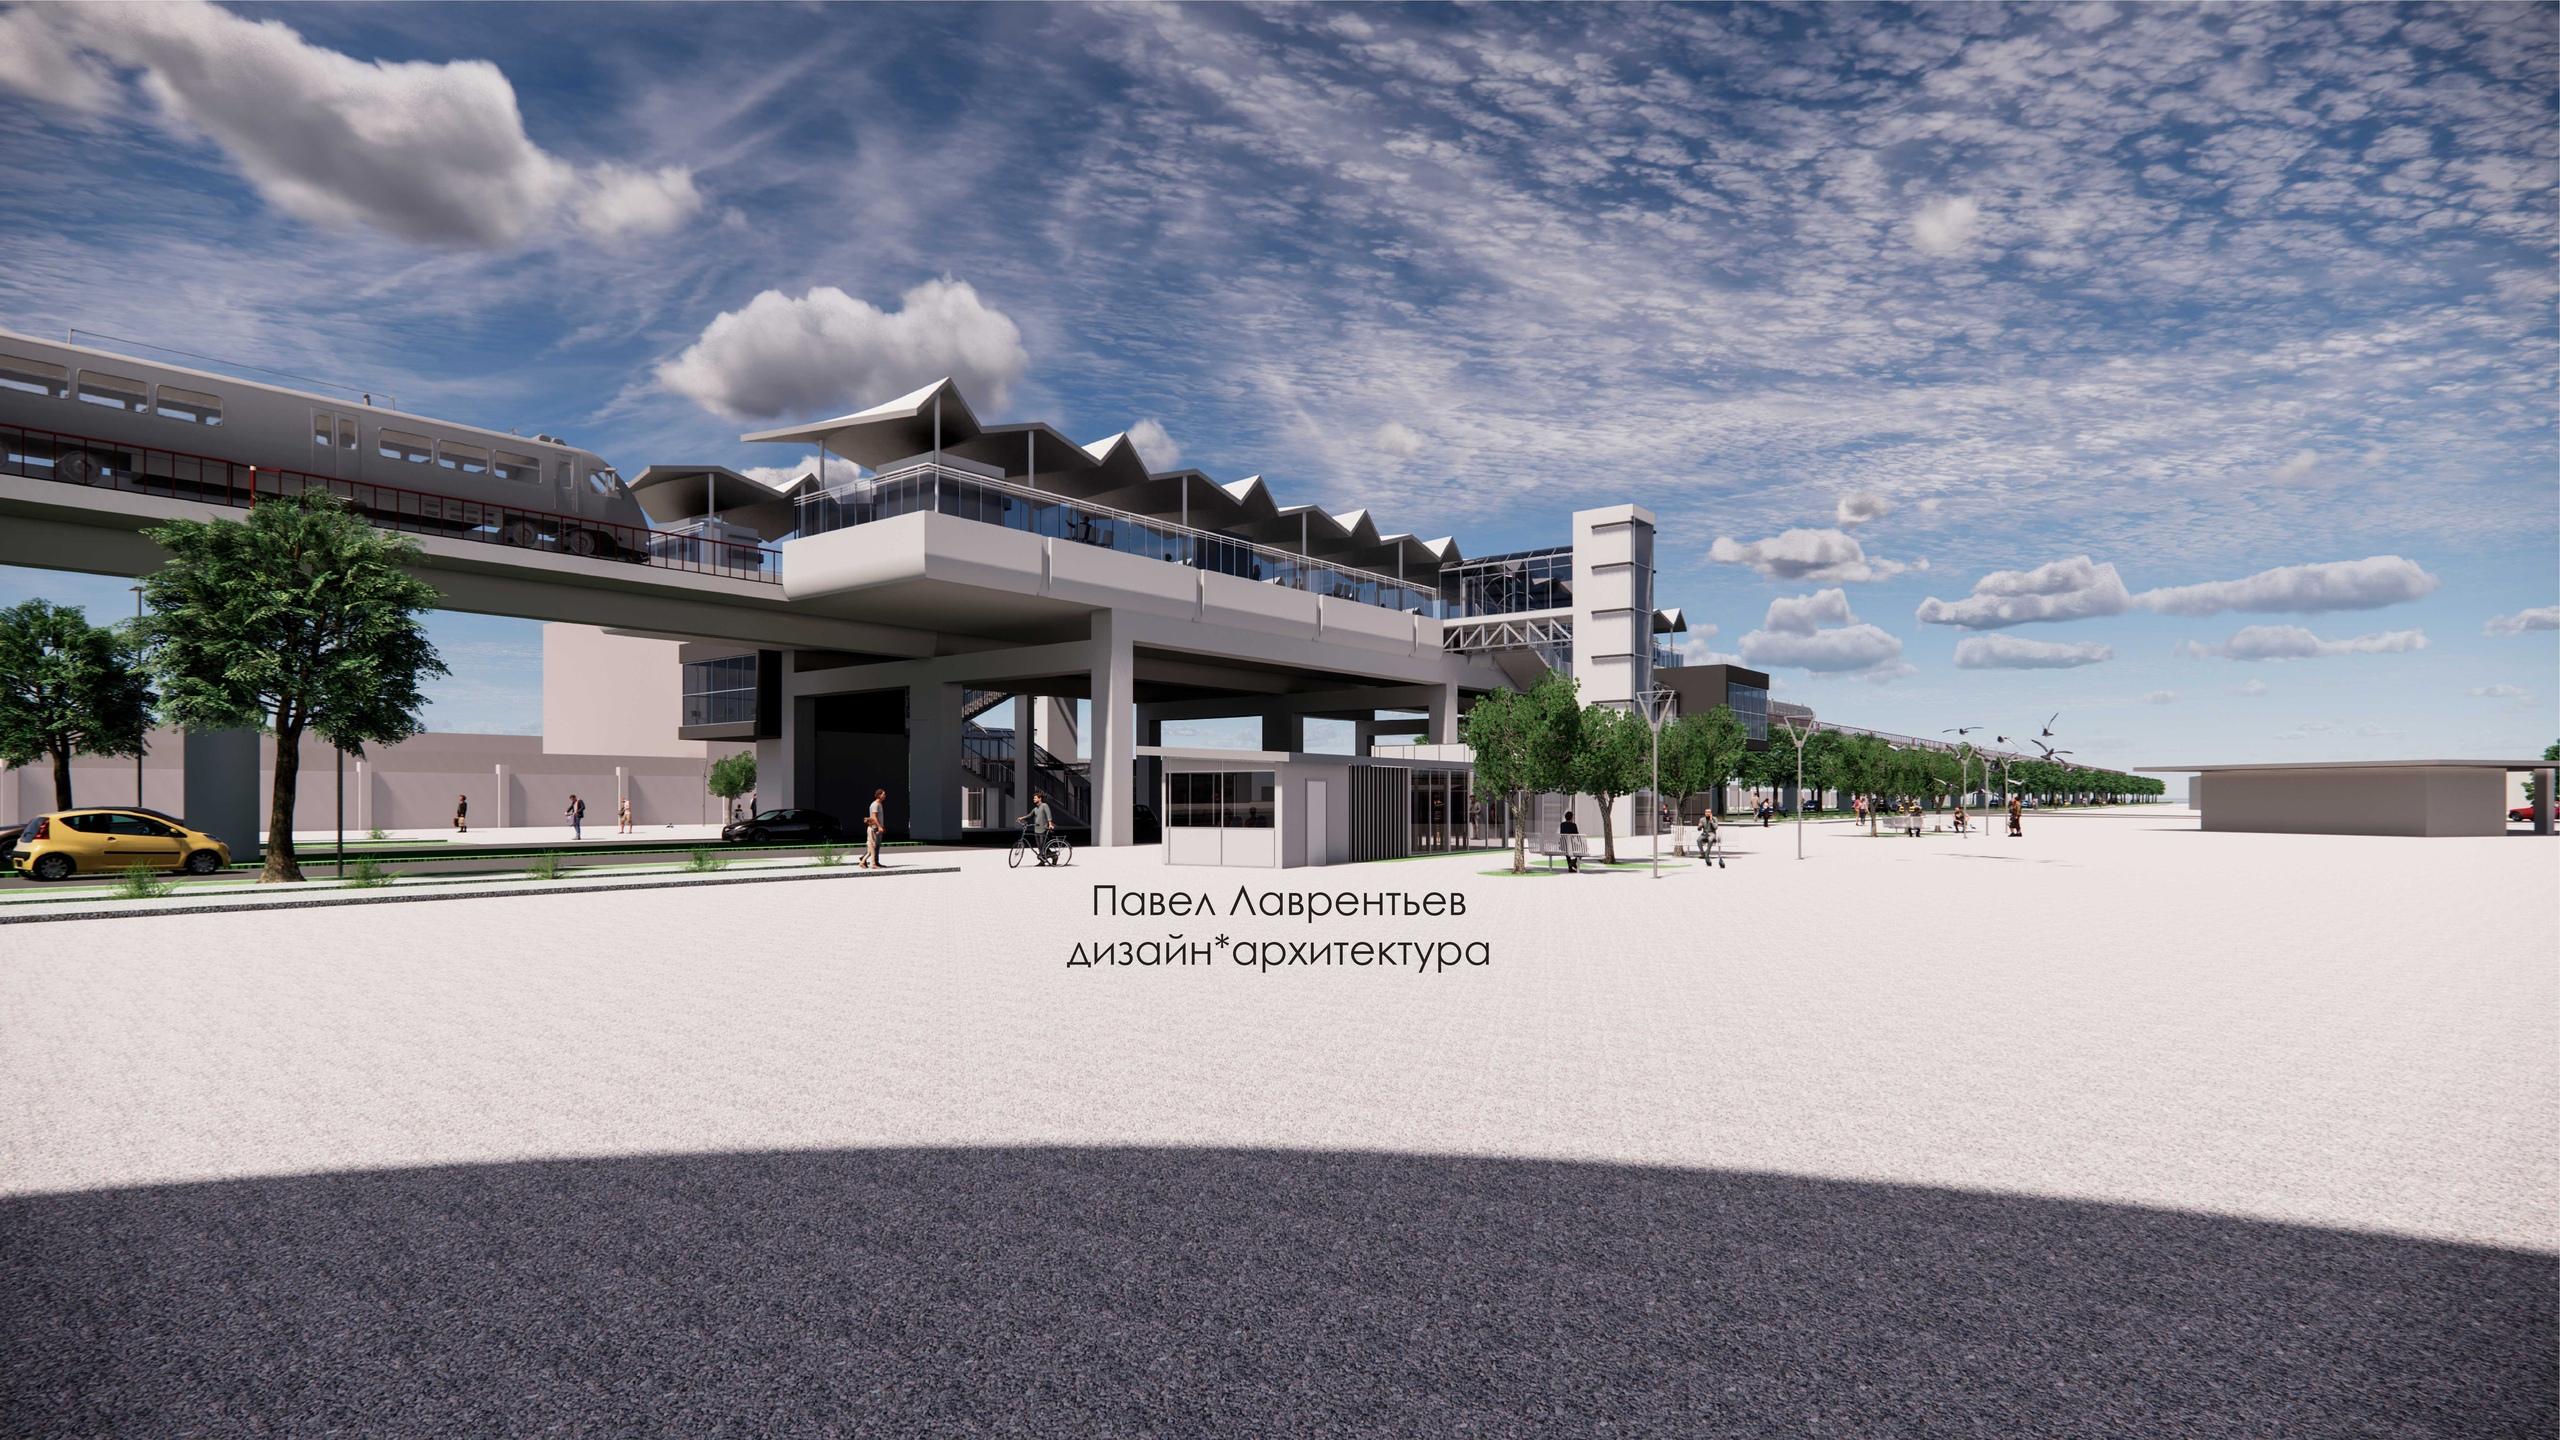 Администрация Дубны получила предложение о строительстве частного надземного легкого метро